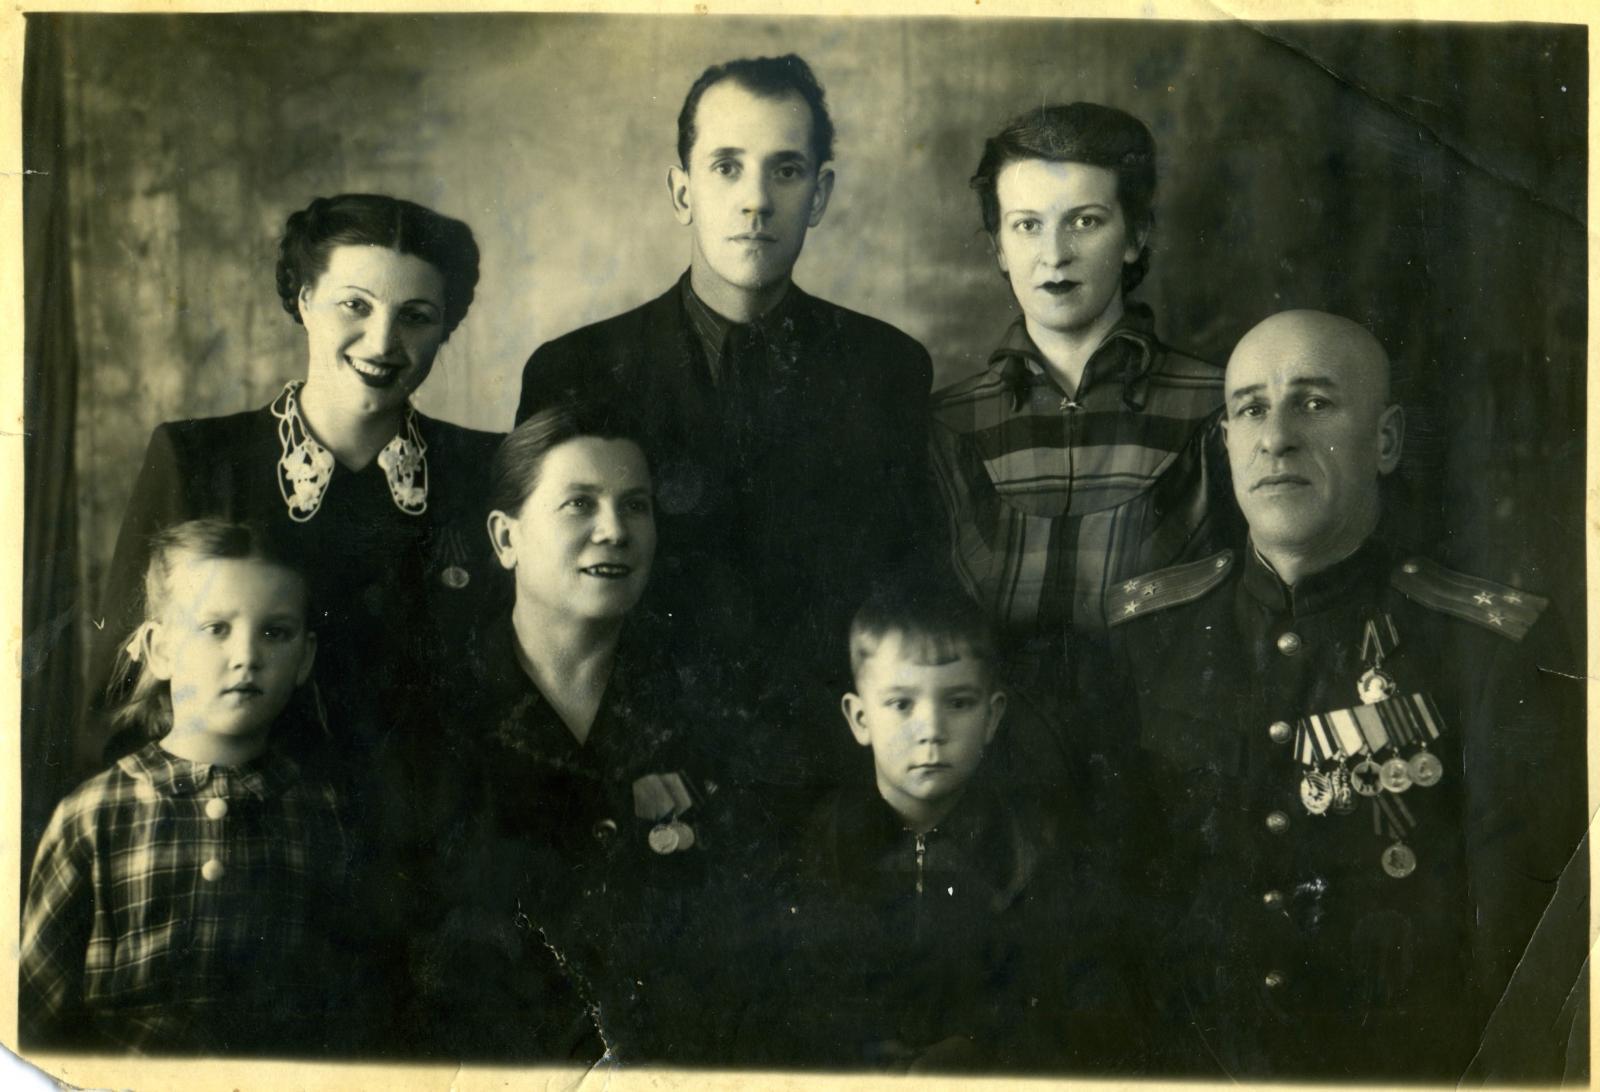 1954. Семьи чекистов Никулиных - полковник Никулин Дмитрий Георгиевич (1-й справа в первом ряду) и его супруга, Никулина Екатерина Васильевна (2-я слева в первом ряду)